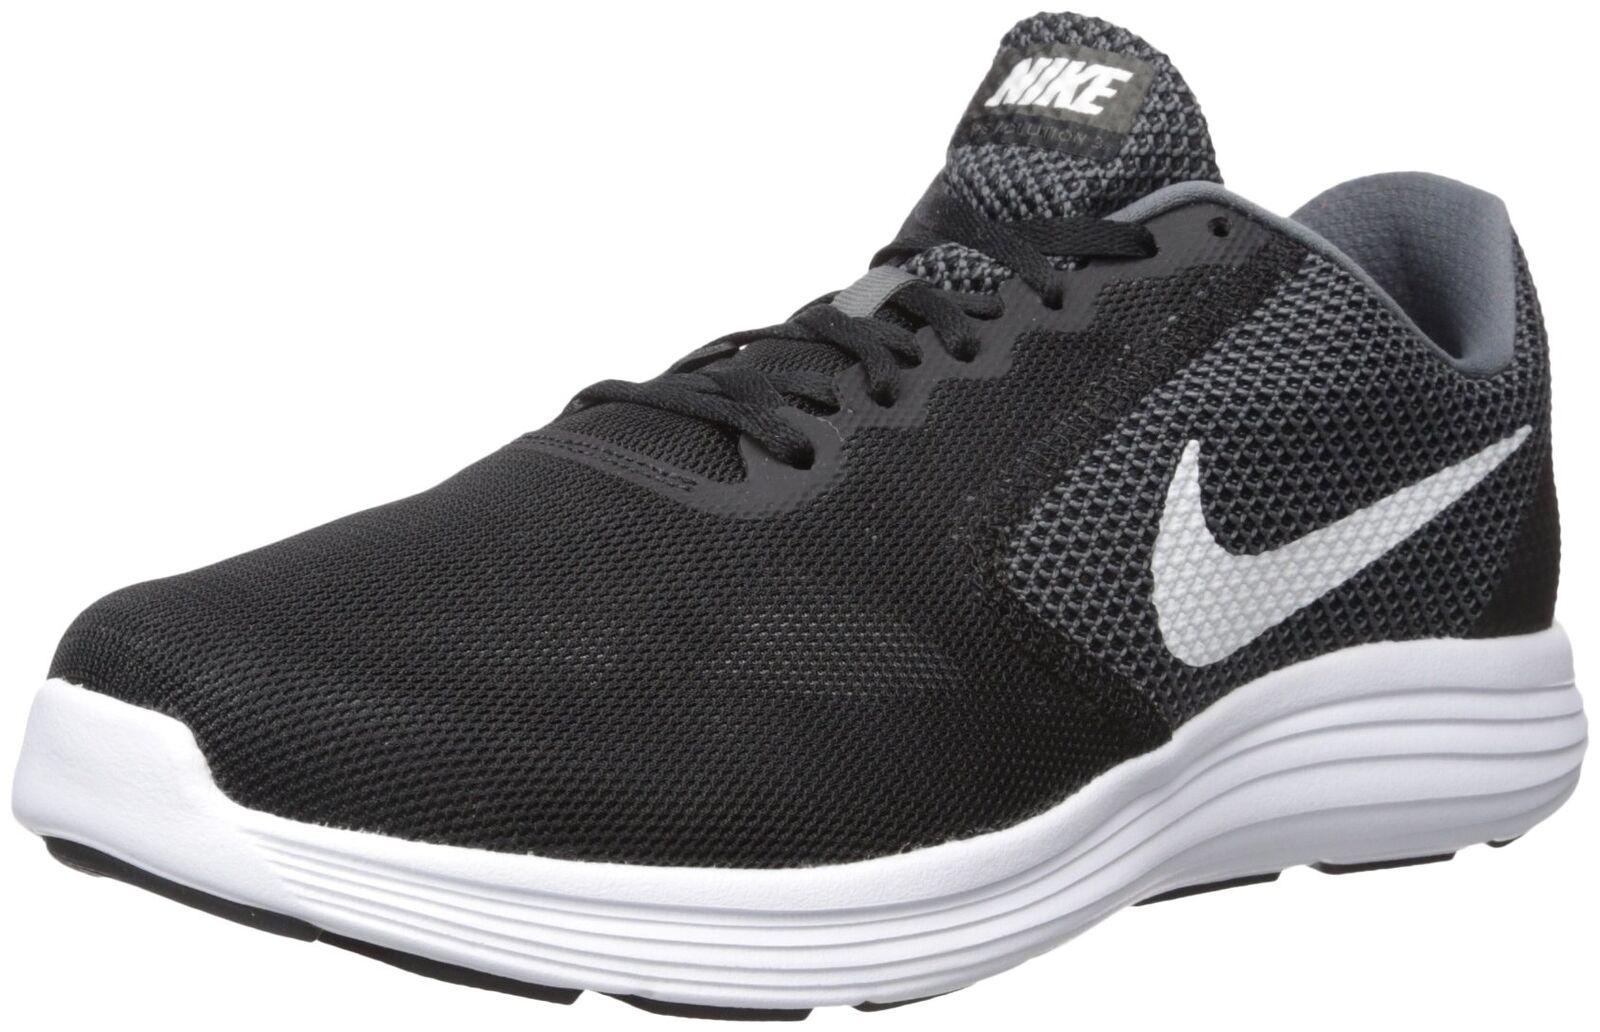 Nike uomini 'rivoluzione 3 scarpa da da da corsa, grigio scuro   nero   bianco ci 9,5 xw   marche  8dd1a7